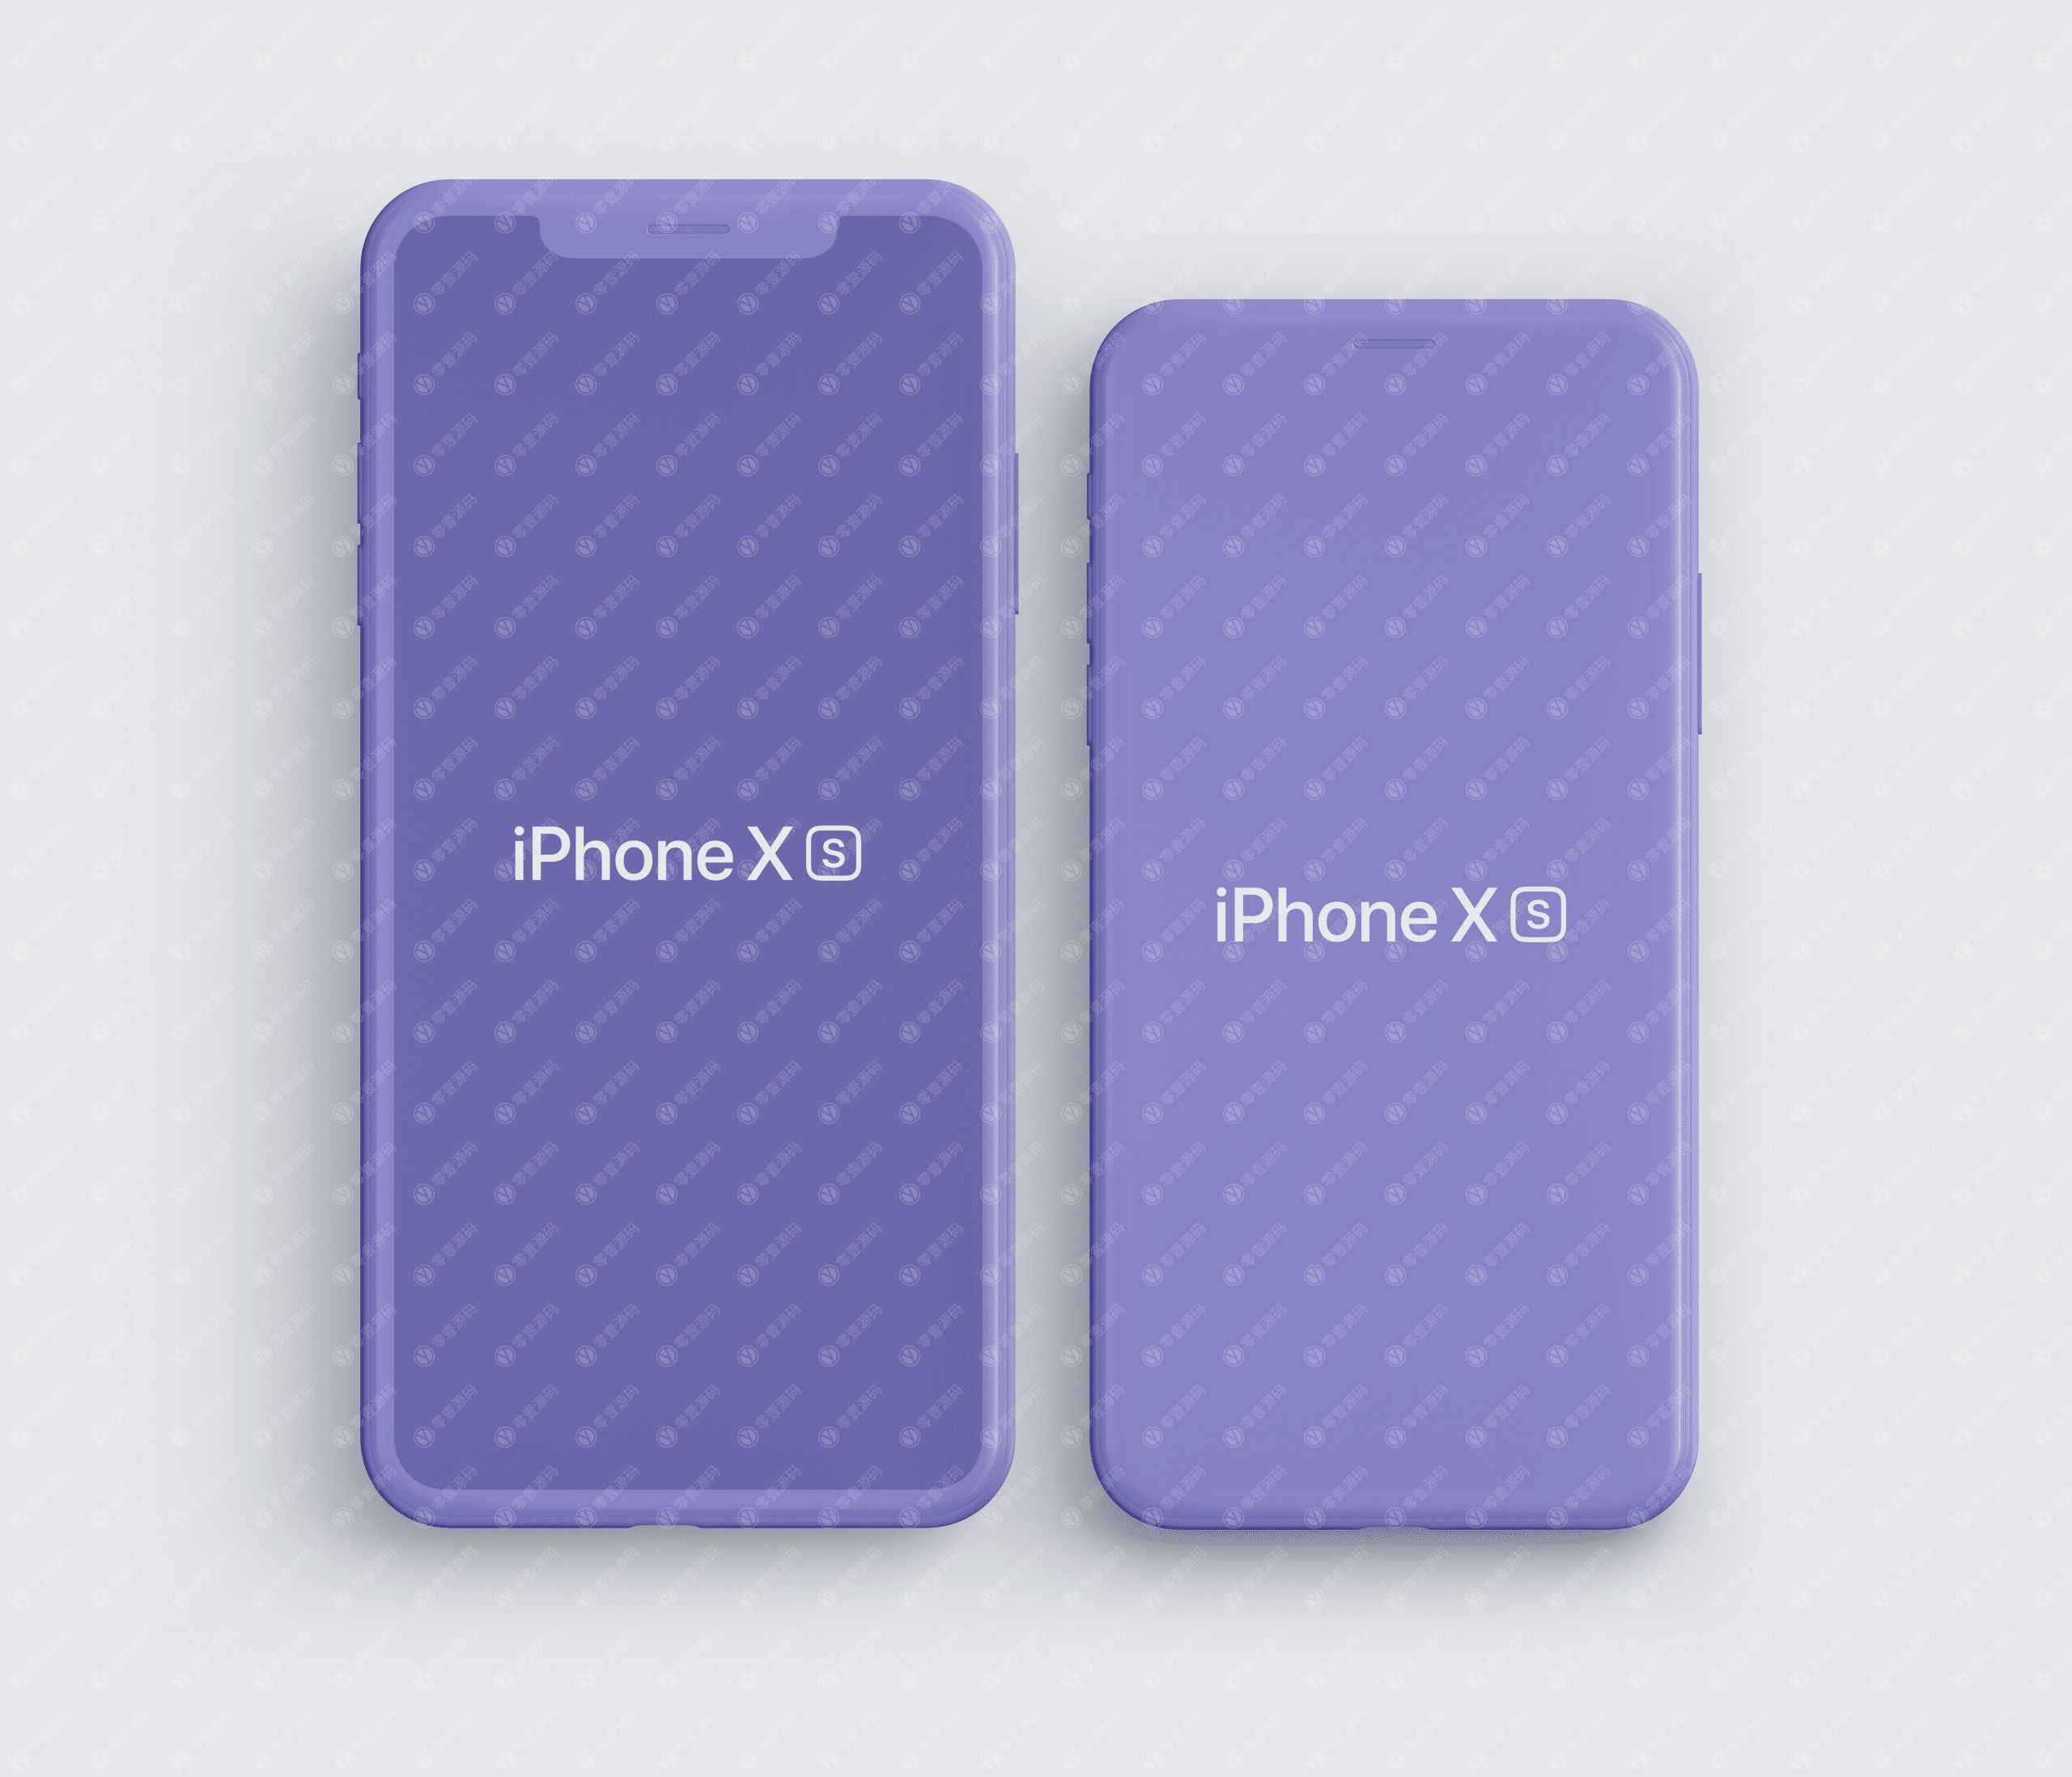 iPhoneXS Mockups 苹果XS手机样机蓝色模型PSD源文件